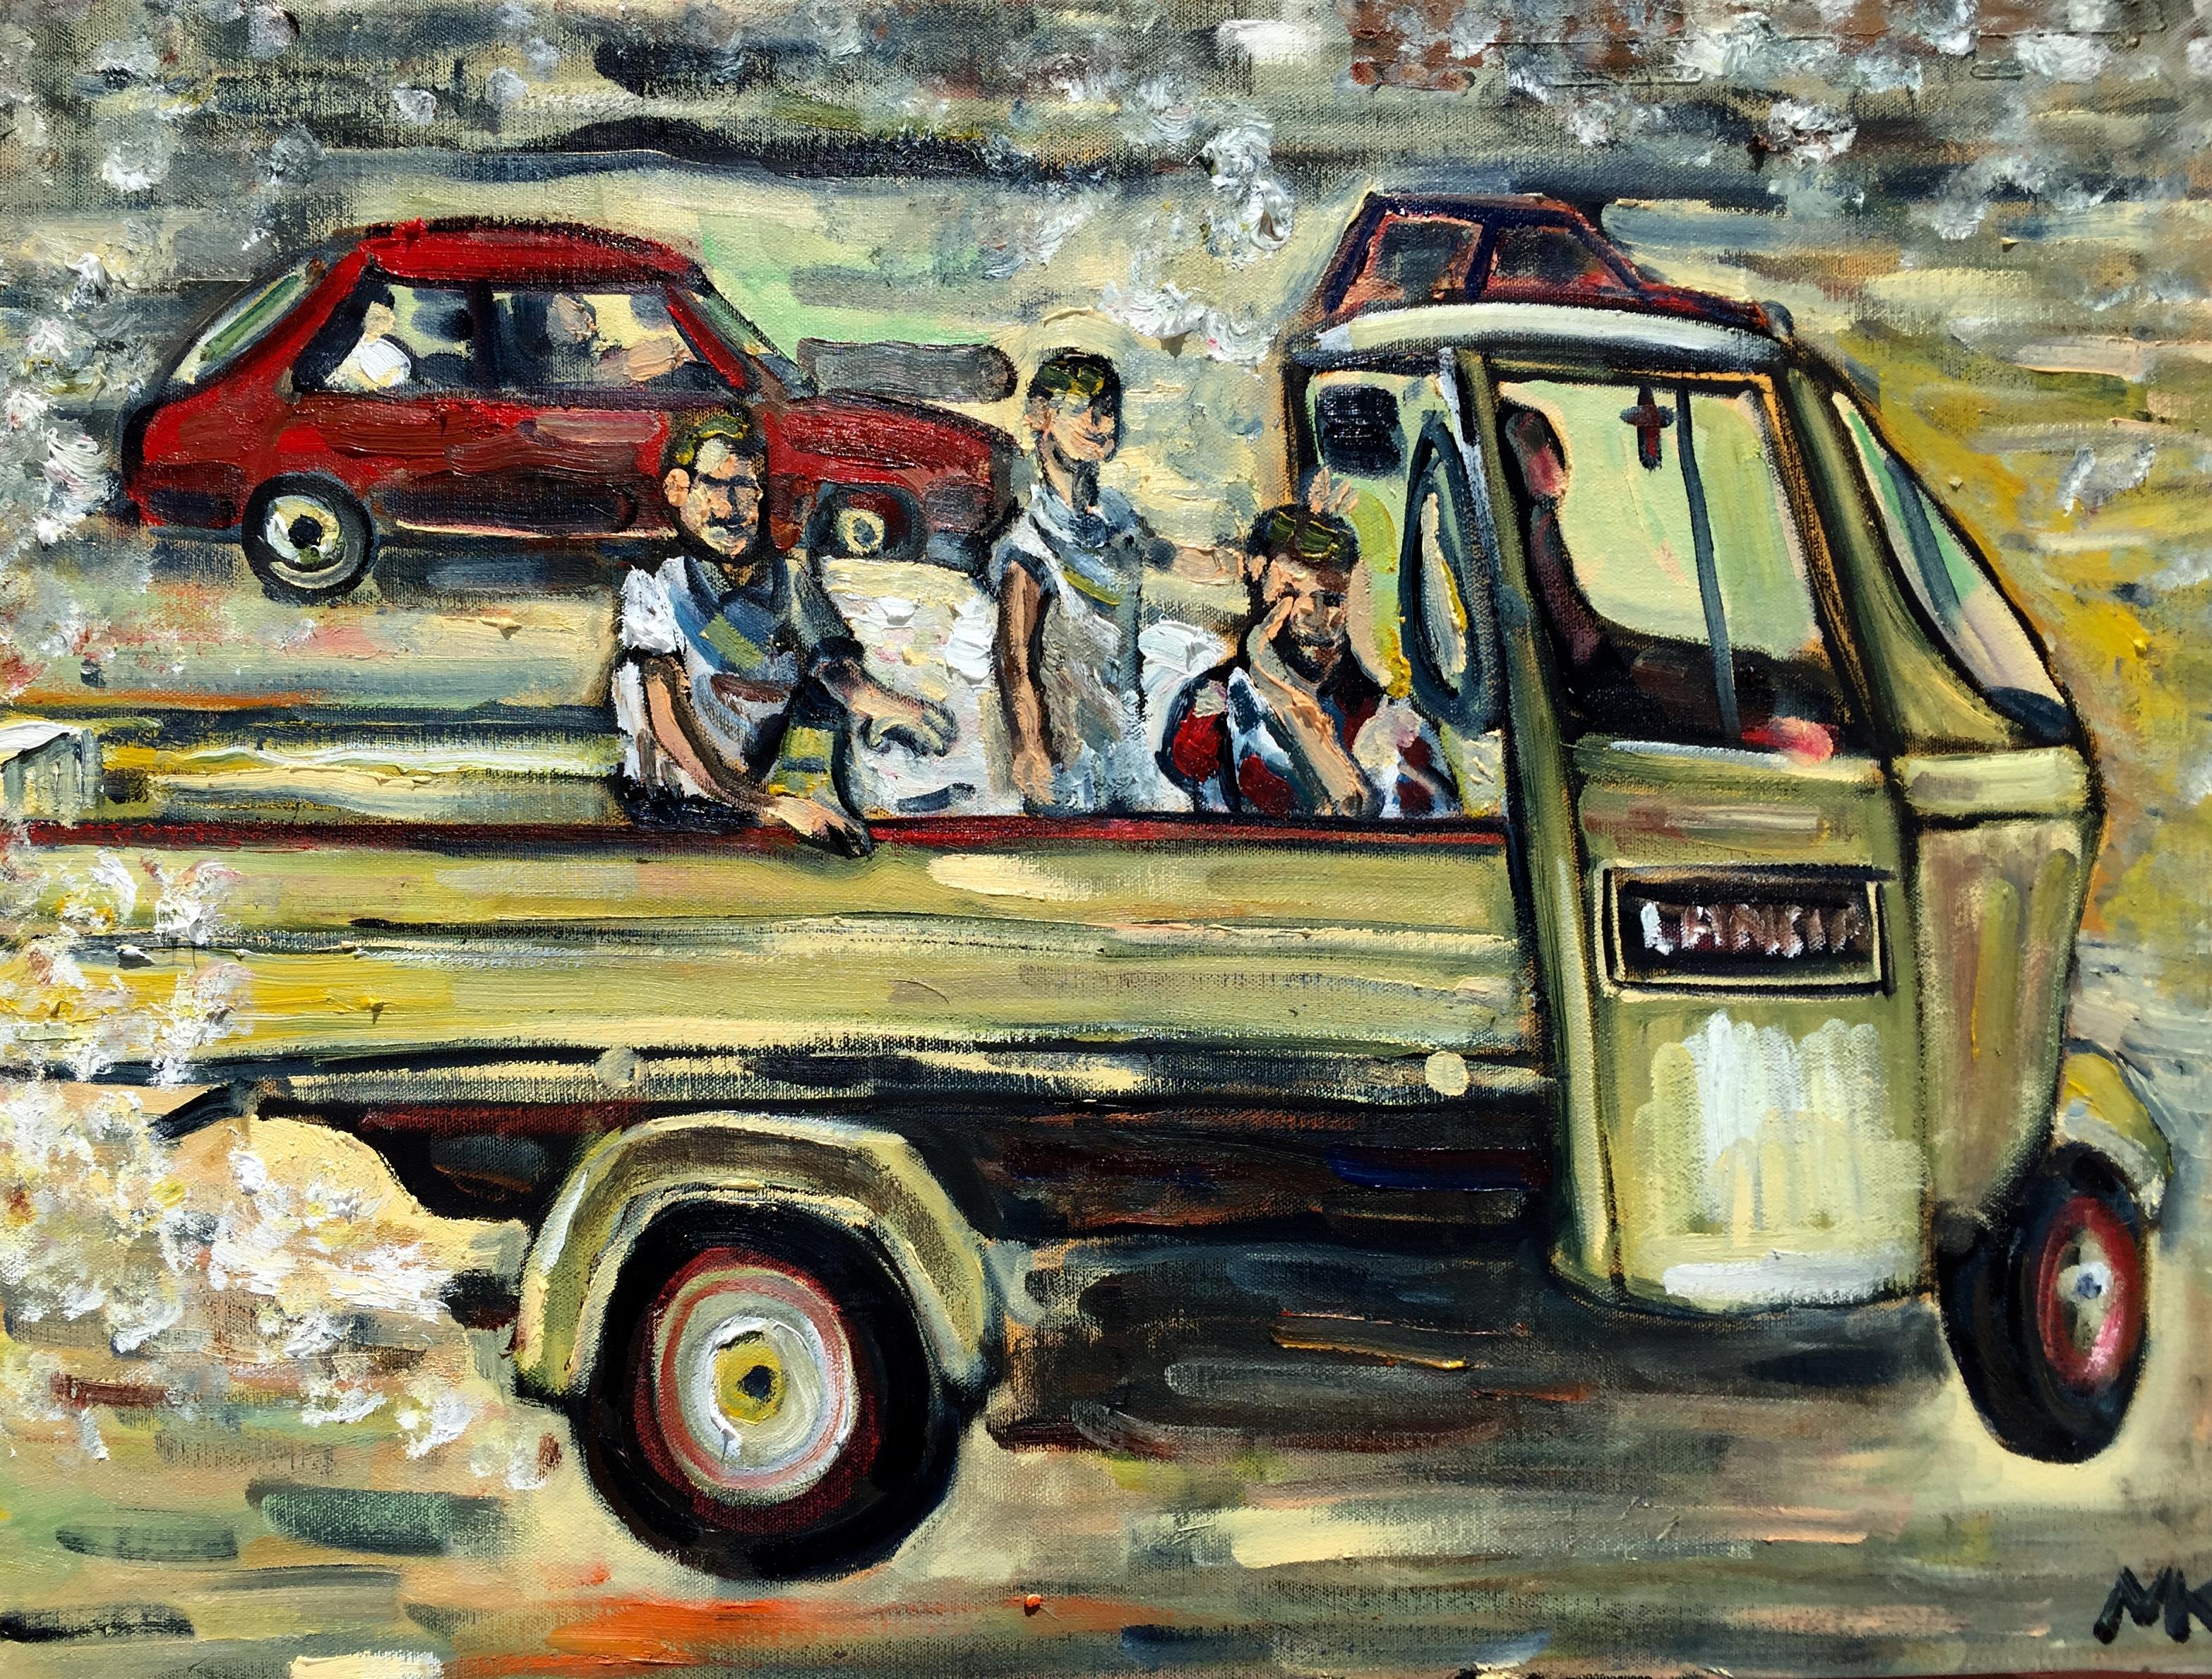 Fond Du0027écran : La Peinture, Rue, Italie, Enfants, Voiture Ancienne, Naples,  Toile, ART, Peindre, Lancia, Pétrole, Art, Kunst, Artomatic, Design  Automobile, ...